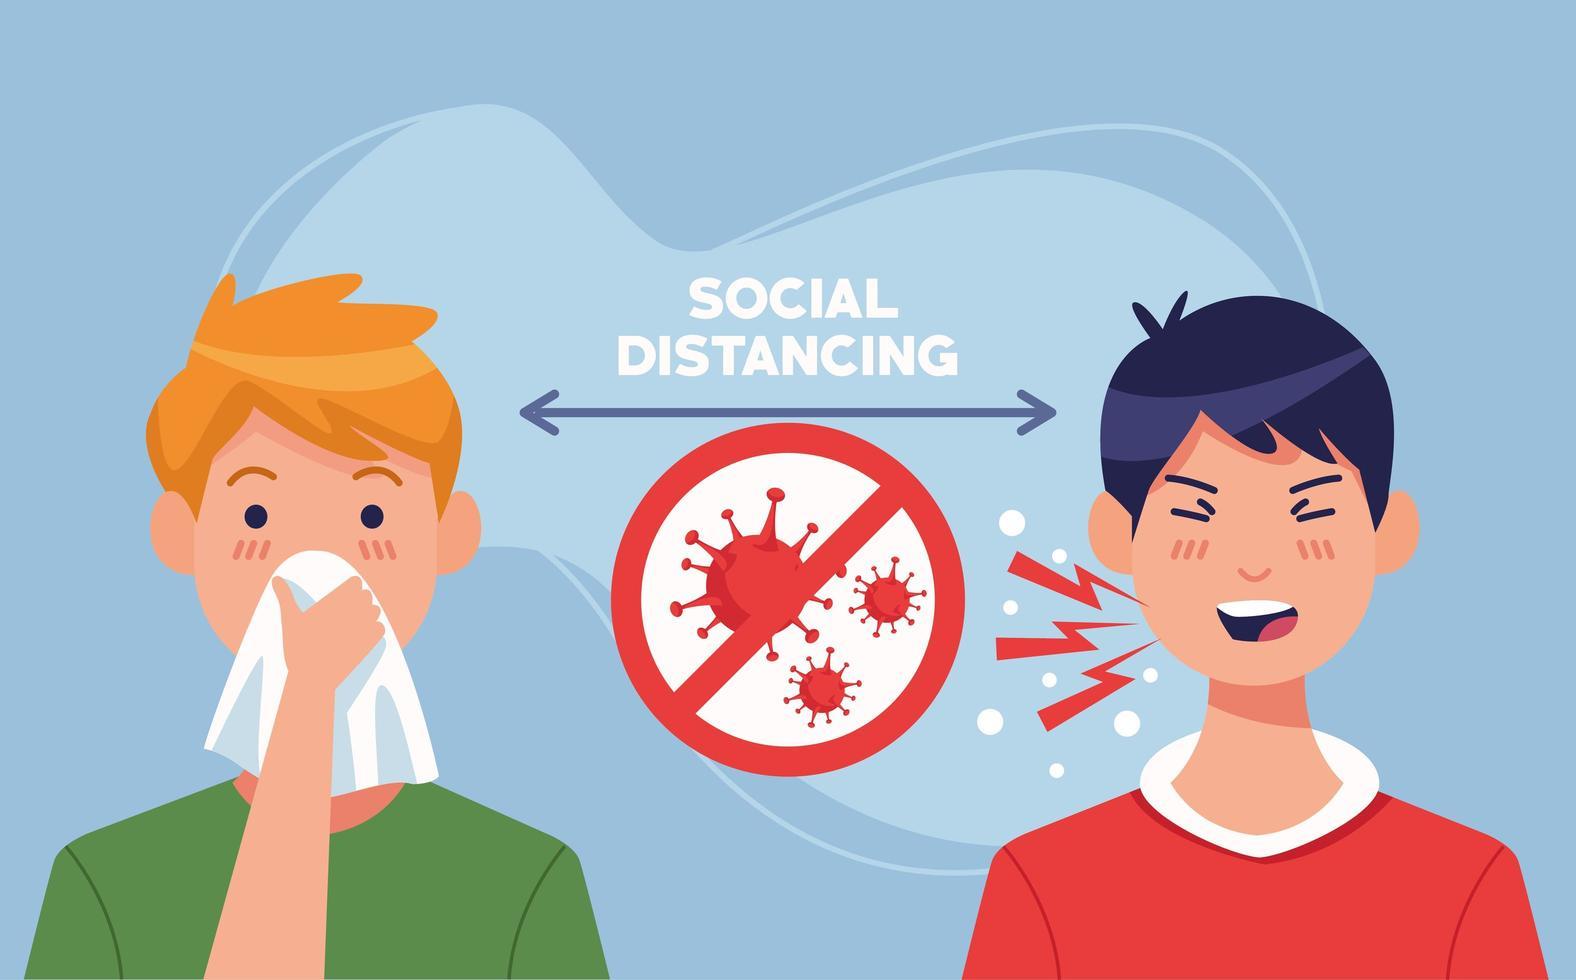 jeunes hommes malades avec des symptômes de covid 19 à distance sociale vecteur